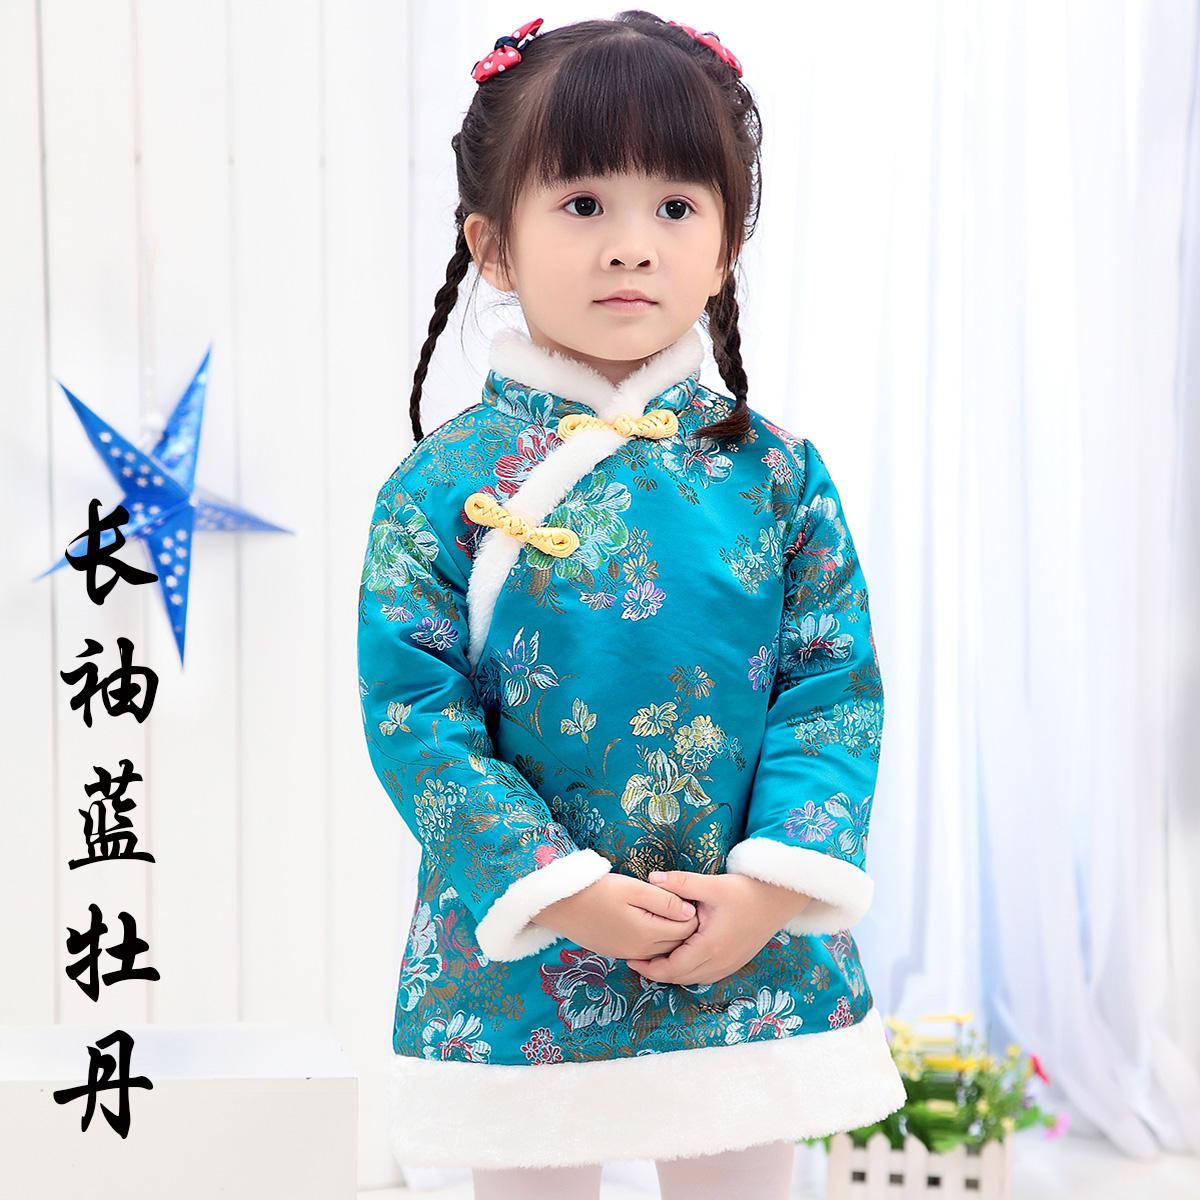 中小女童旗袍连衣裙春款 儿童唐装节日棉袄宝宝中国风表演出礼服